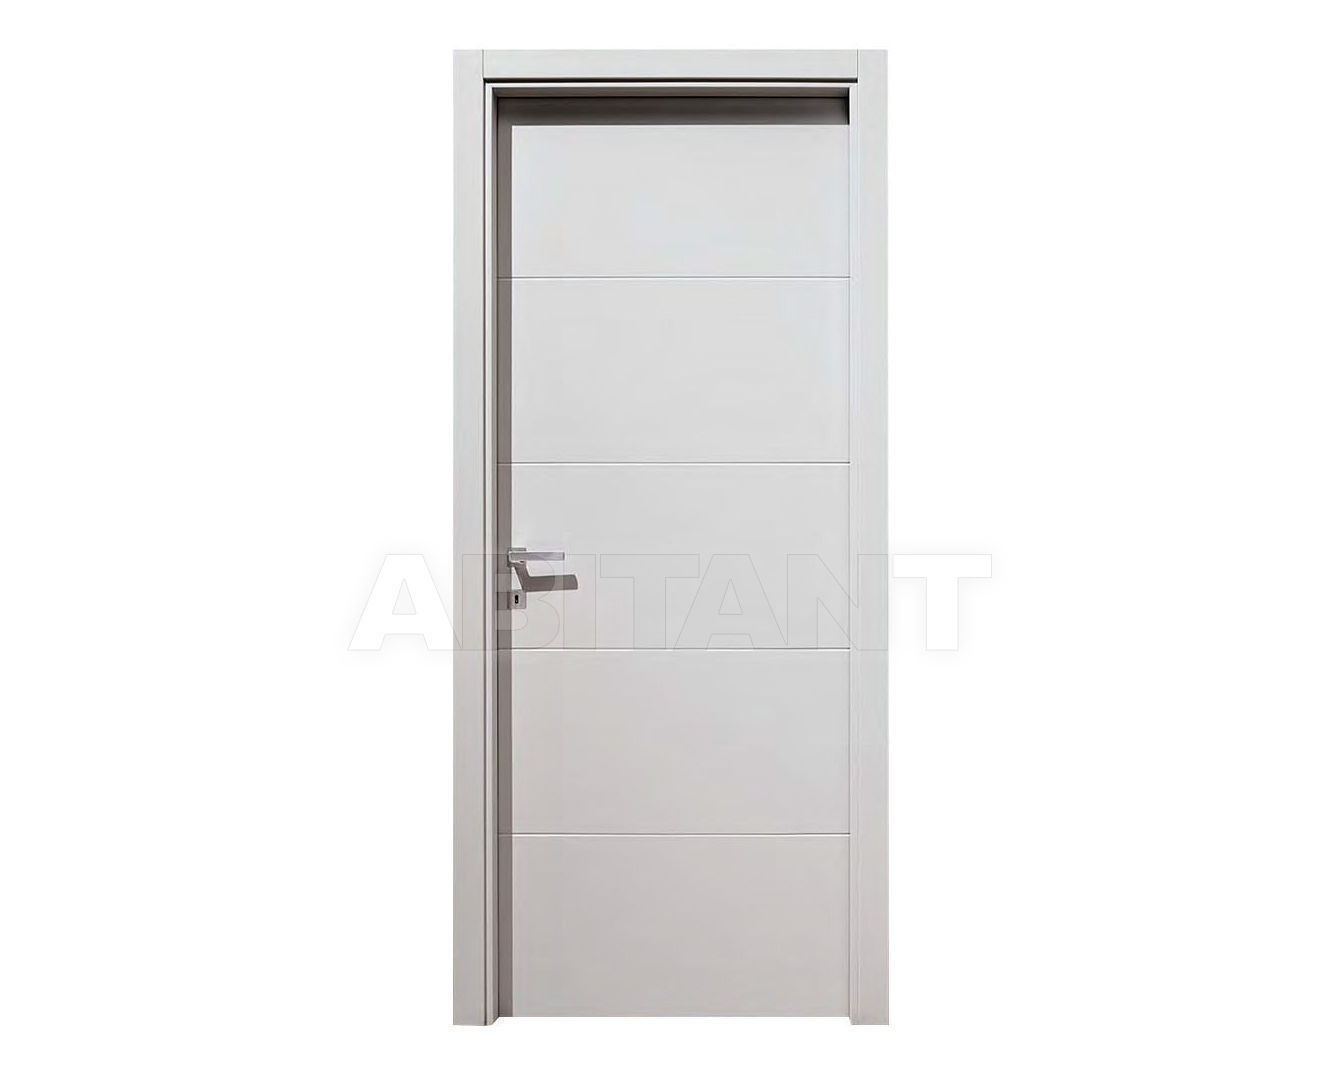 Купить Дверь деревянная Fioravazzi Lisce DANIA INCISIONI LEGGERE